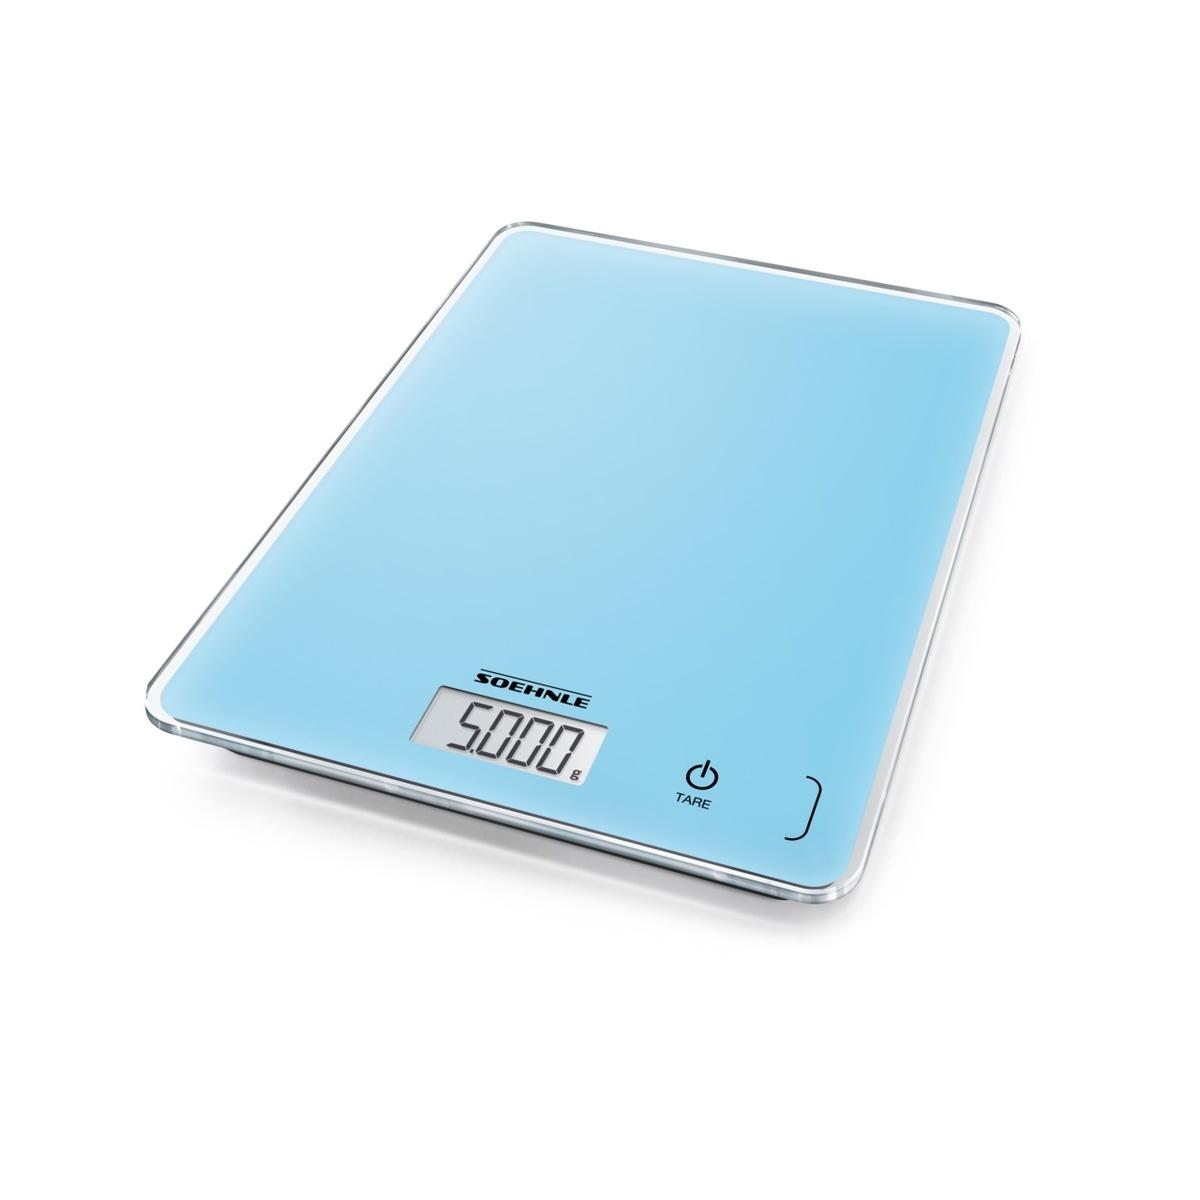 Page Compact 300 Pale Blue kuchynská váha - digitálna SOEHNLE 61511